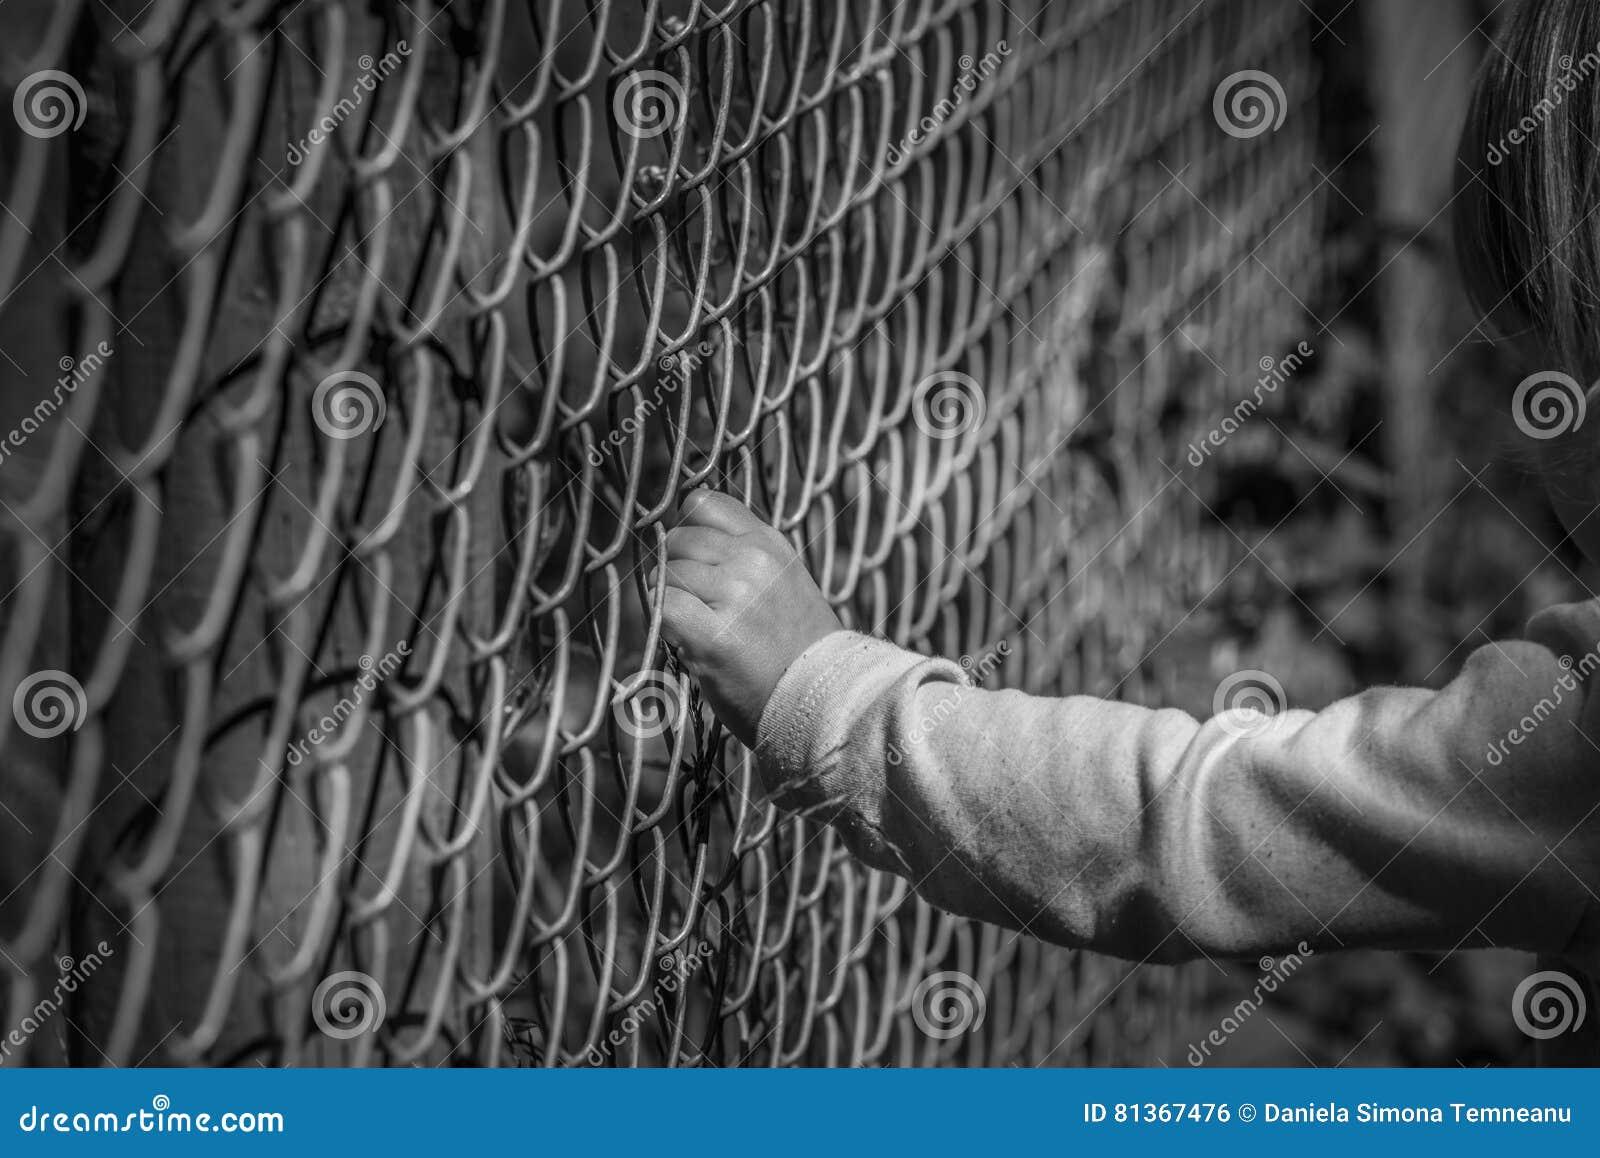 Hand Des Kleinen Madchens Die Zaun Halt Stockfoto Bild Von